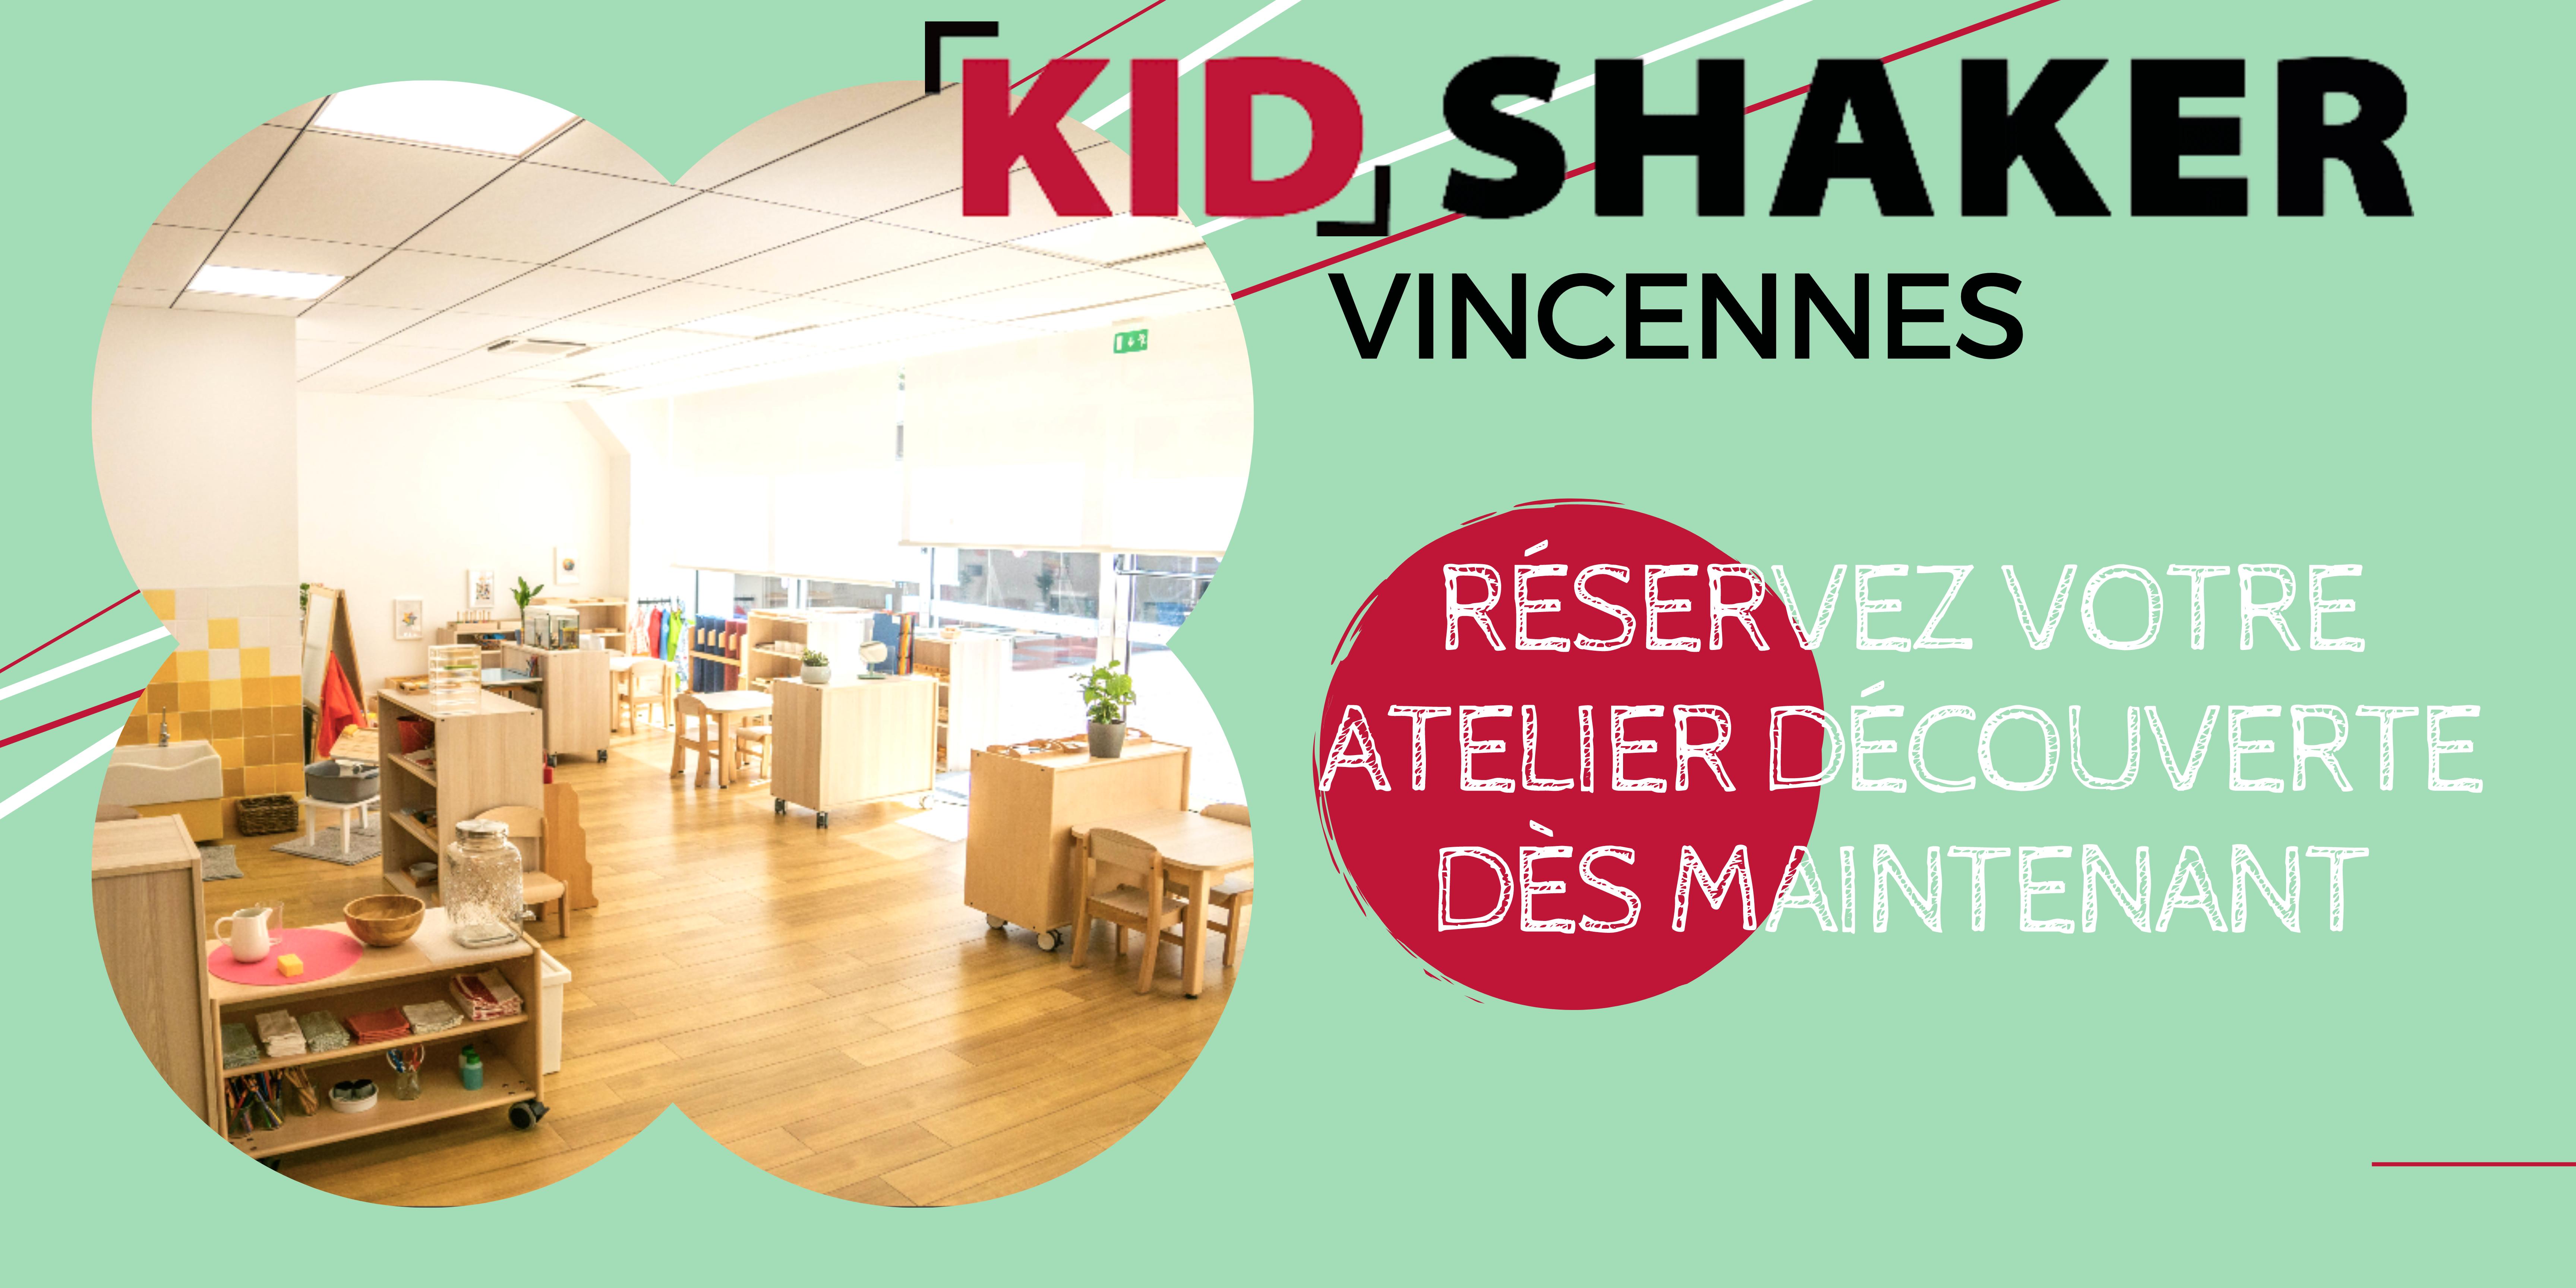 Atelier découverte kidshaker VINCENNES